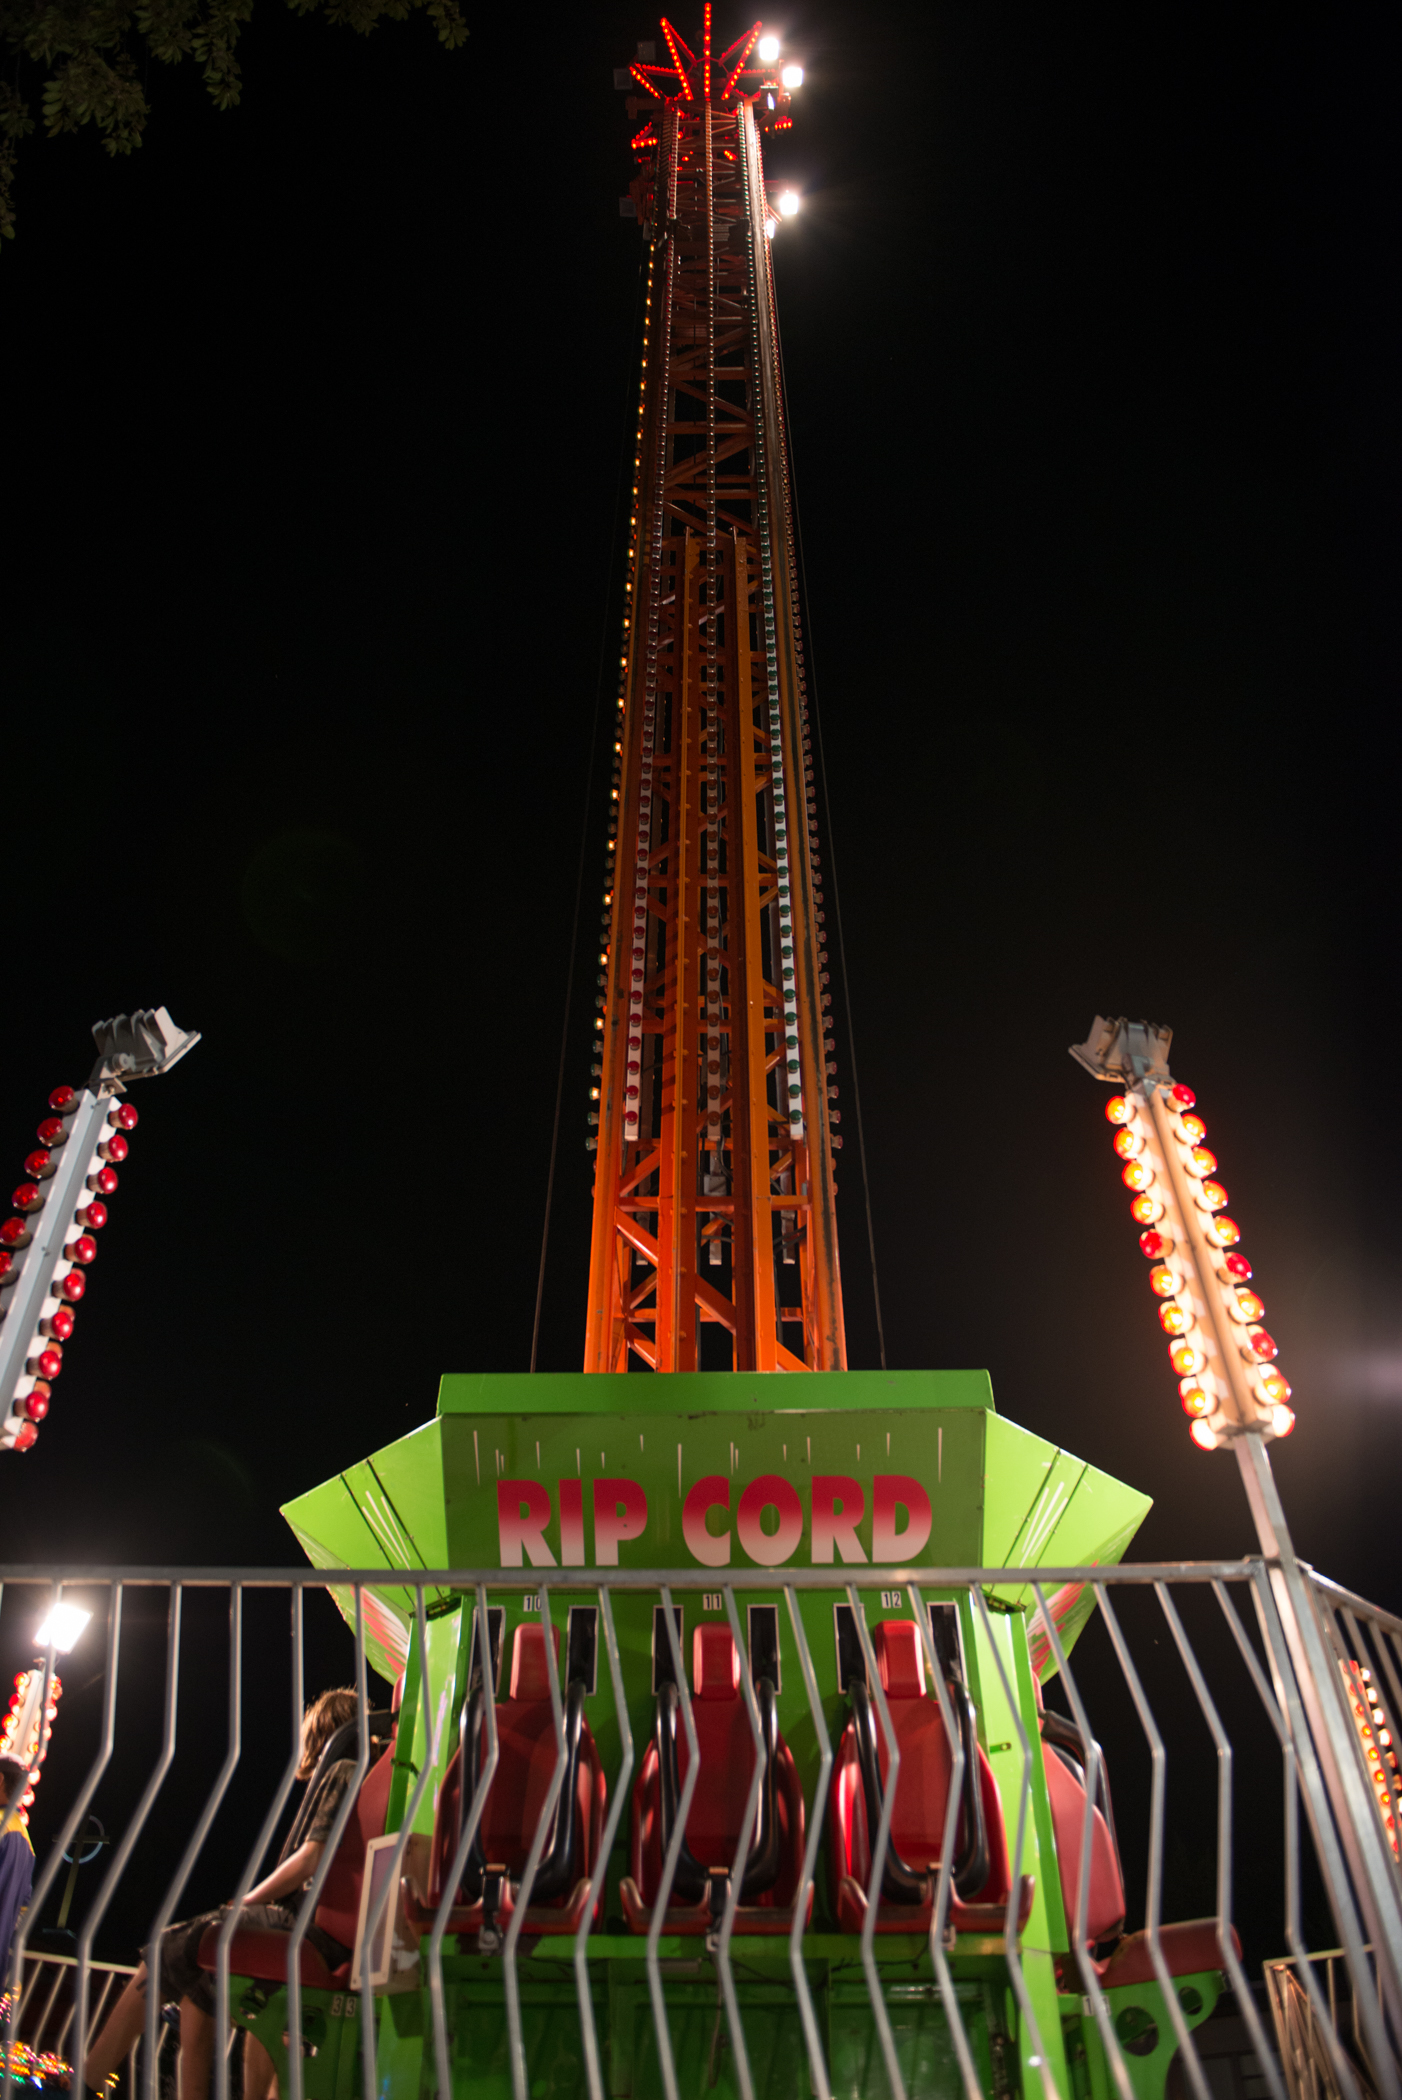 St-Leos-Fair-2016-2.jpg